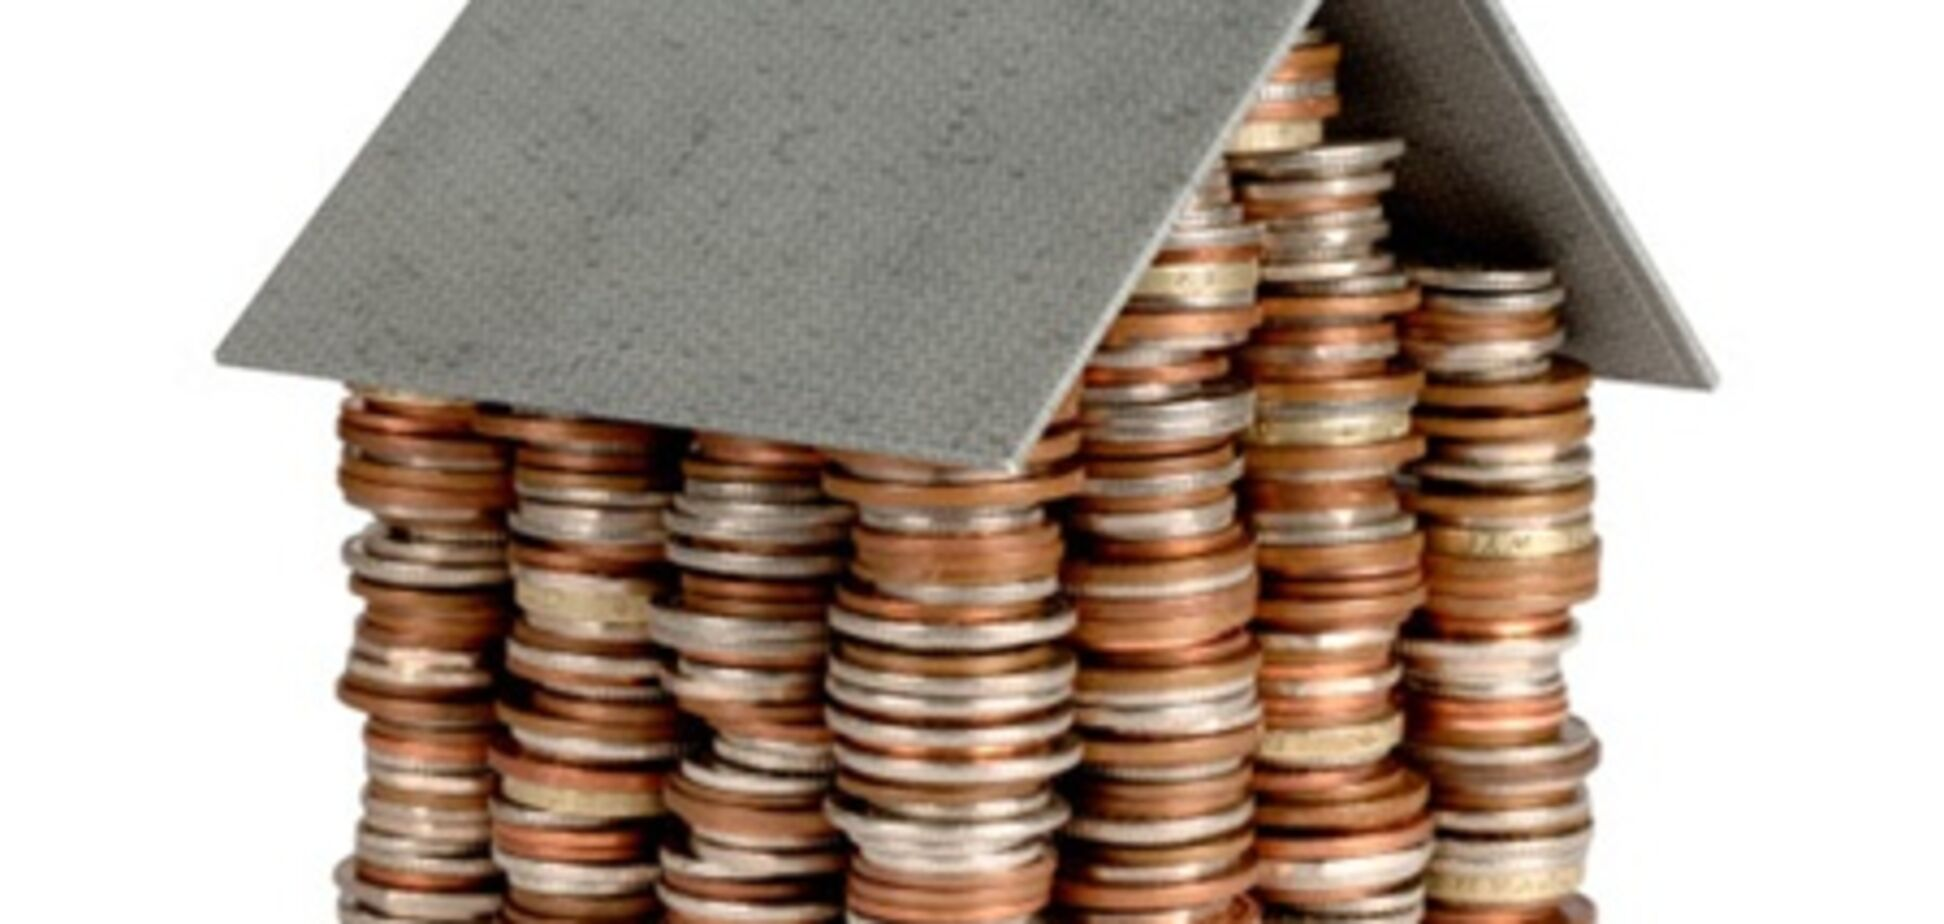 Цены на квартиры сегодня диктует покупатель